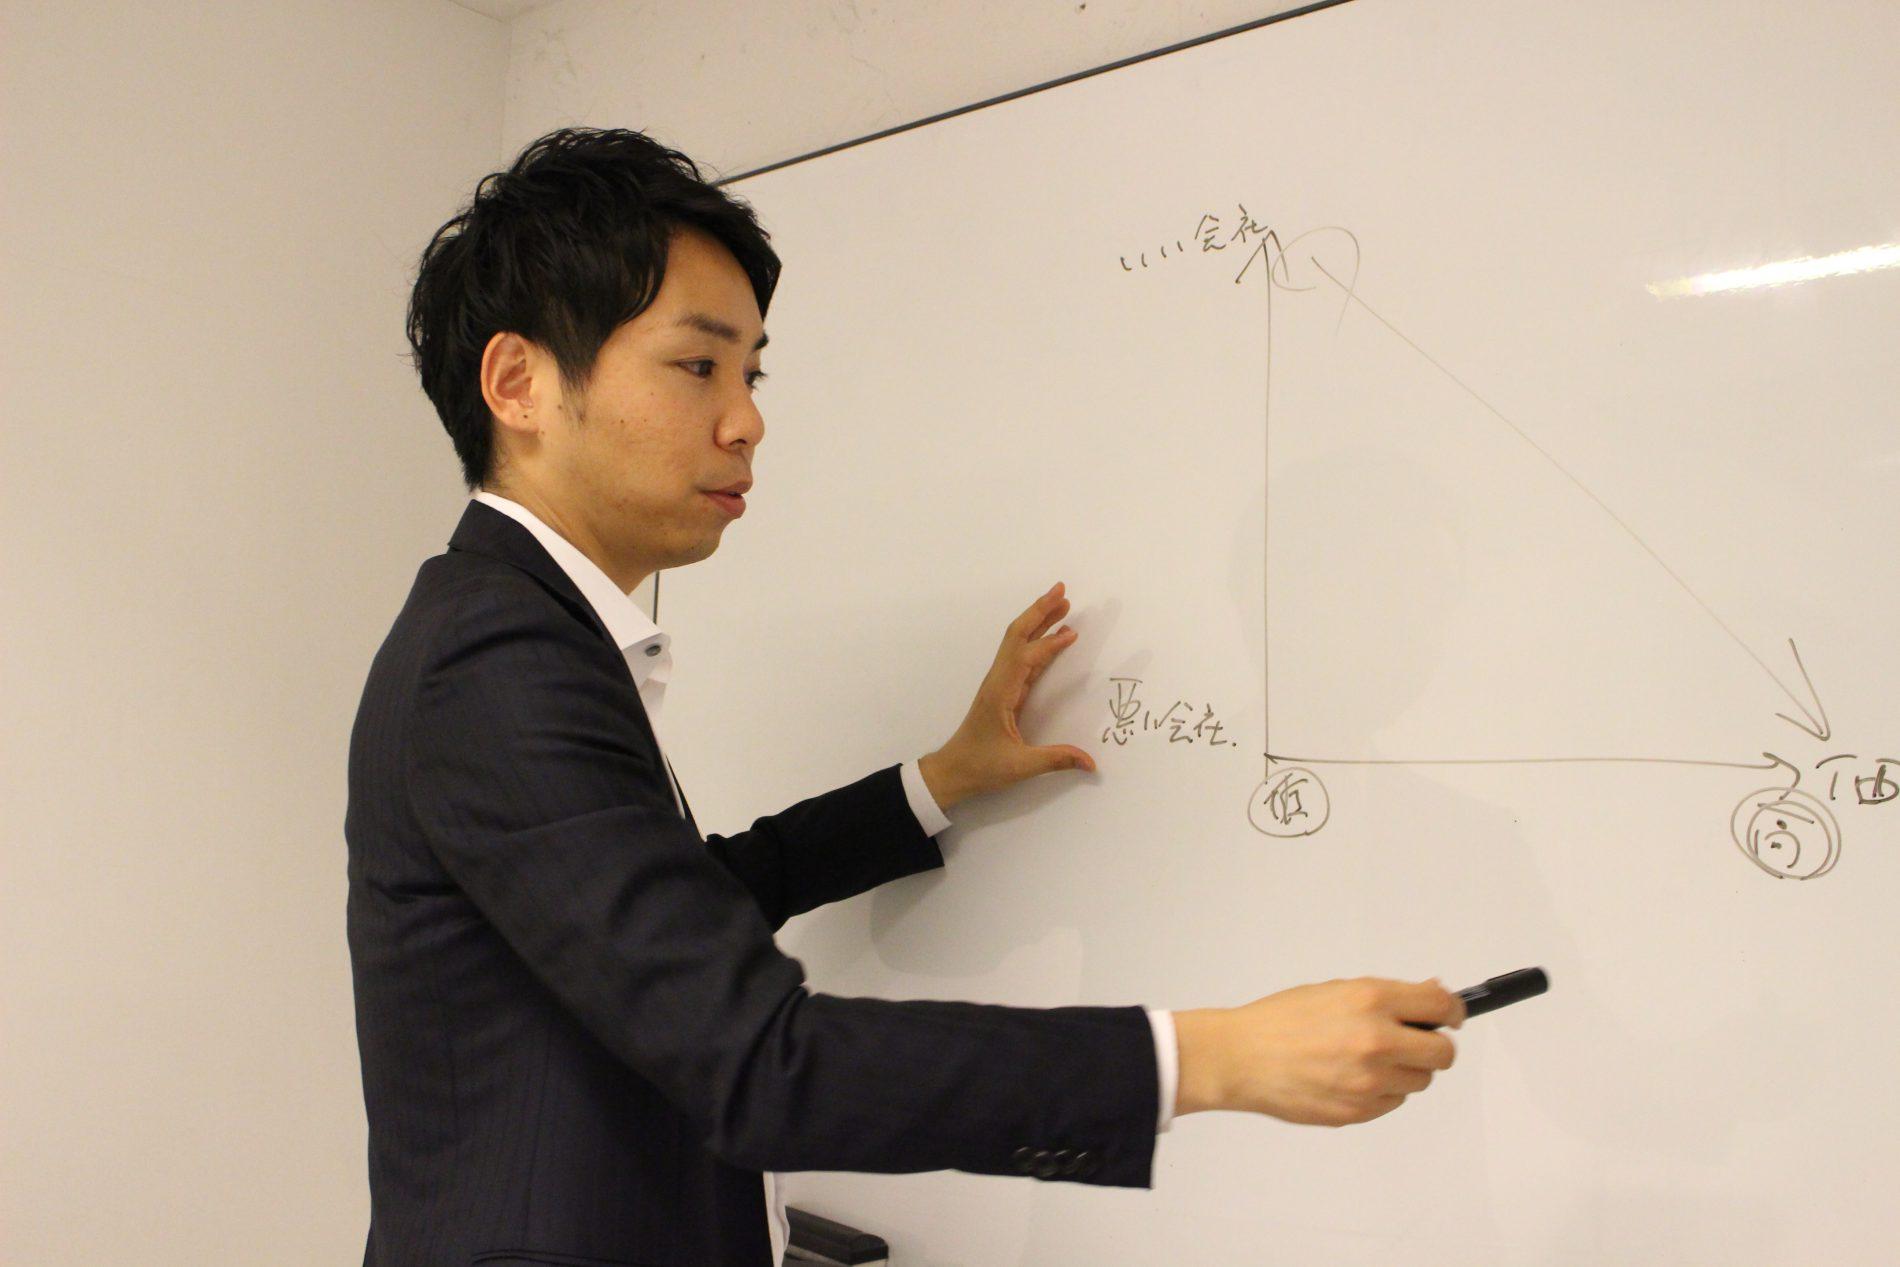 土井一真さんのインタビュー写真4